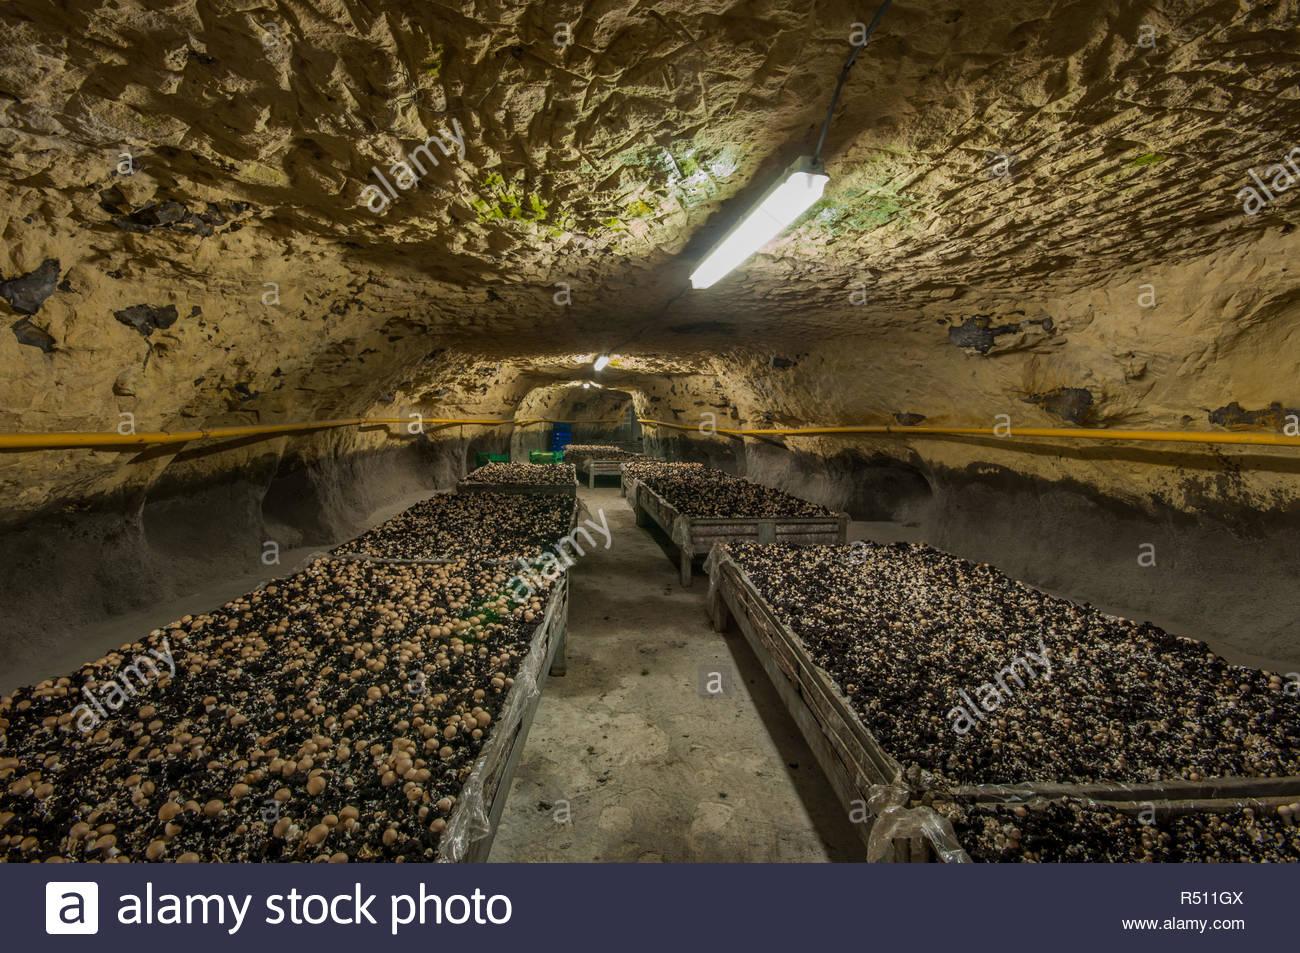 u-mushroom-farm-in-einem-verlassenen-ste